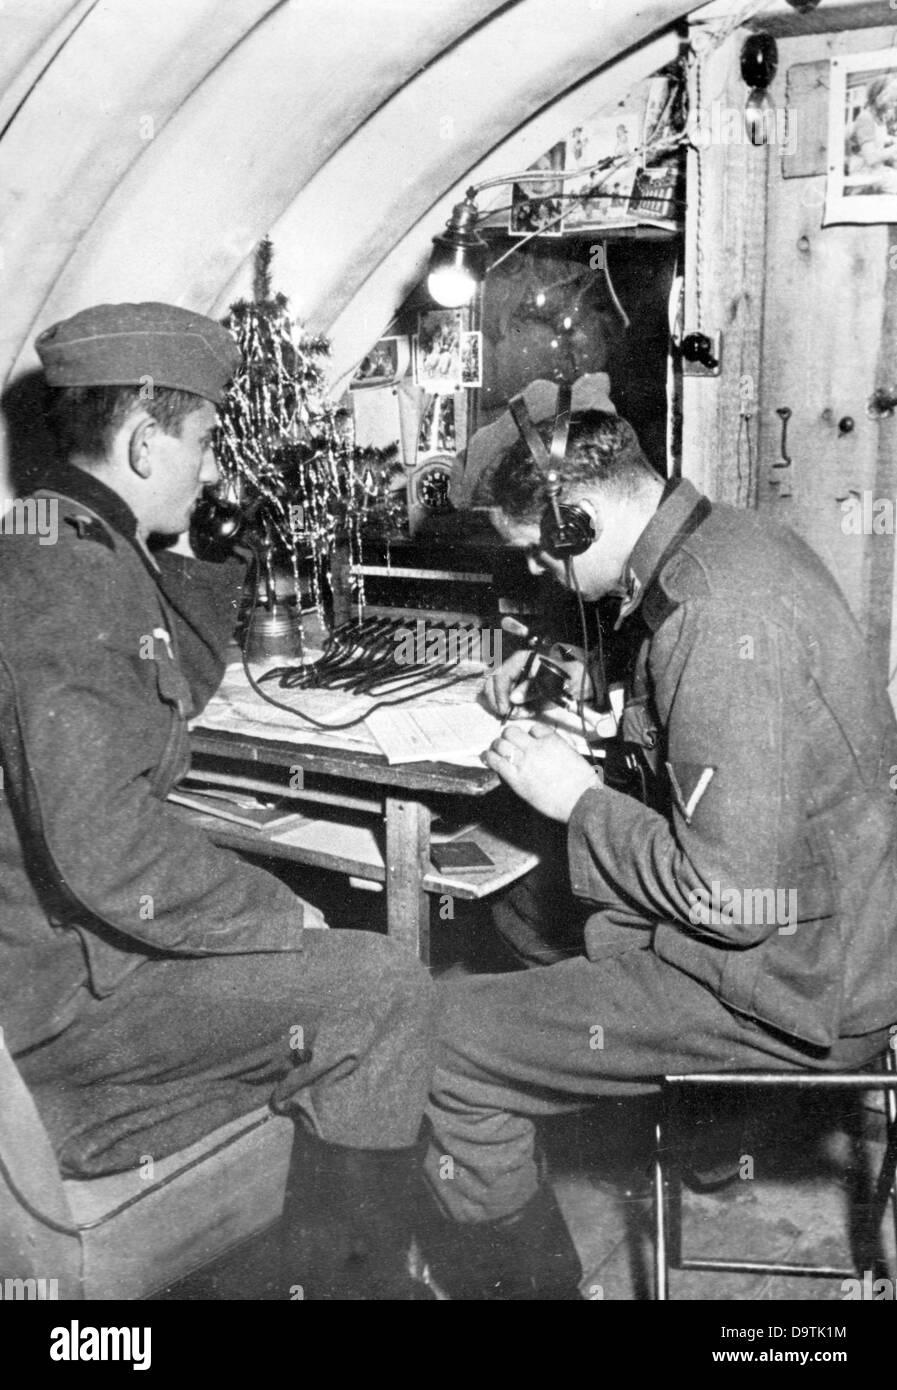 soldaten der deutschen wehrmacht sind bei der arbeit beim. Black Bedroom Furniture Sets. Home Design Ideas